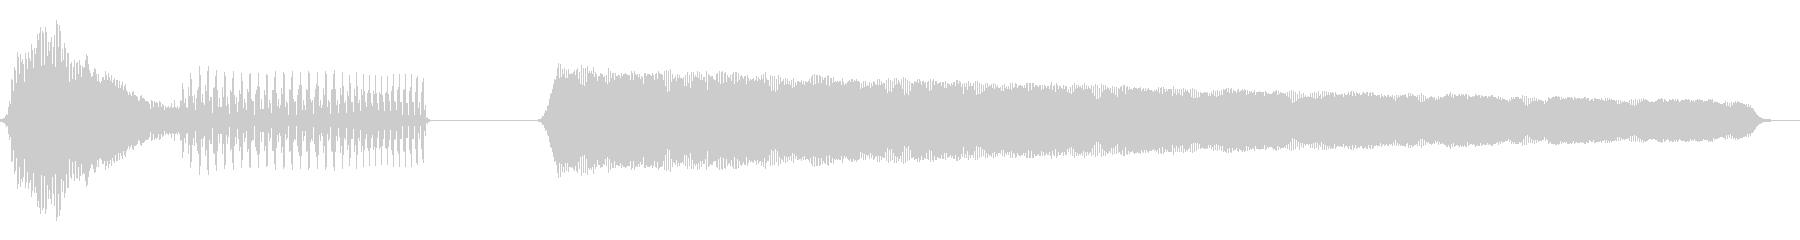 コンピュータテレメトリ:ファンクシ...の未再生の波形